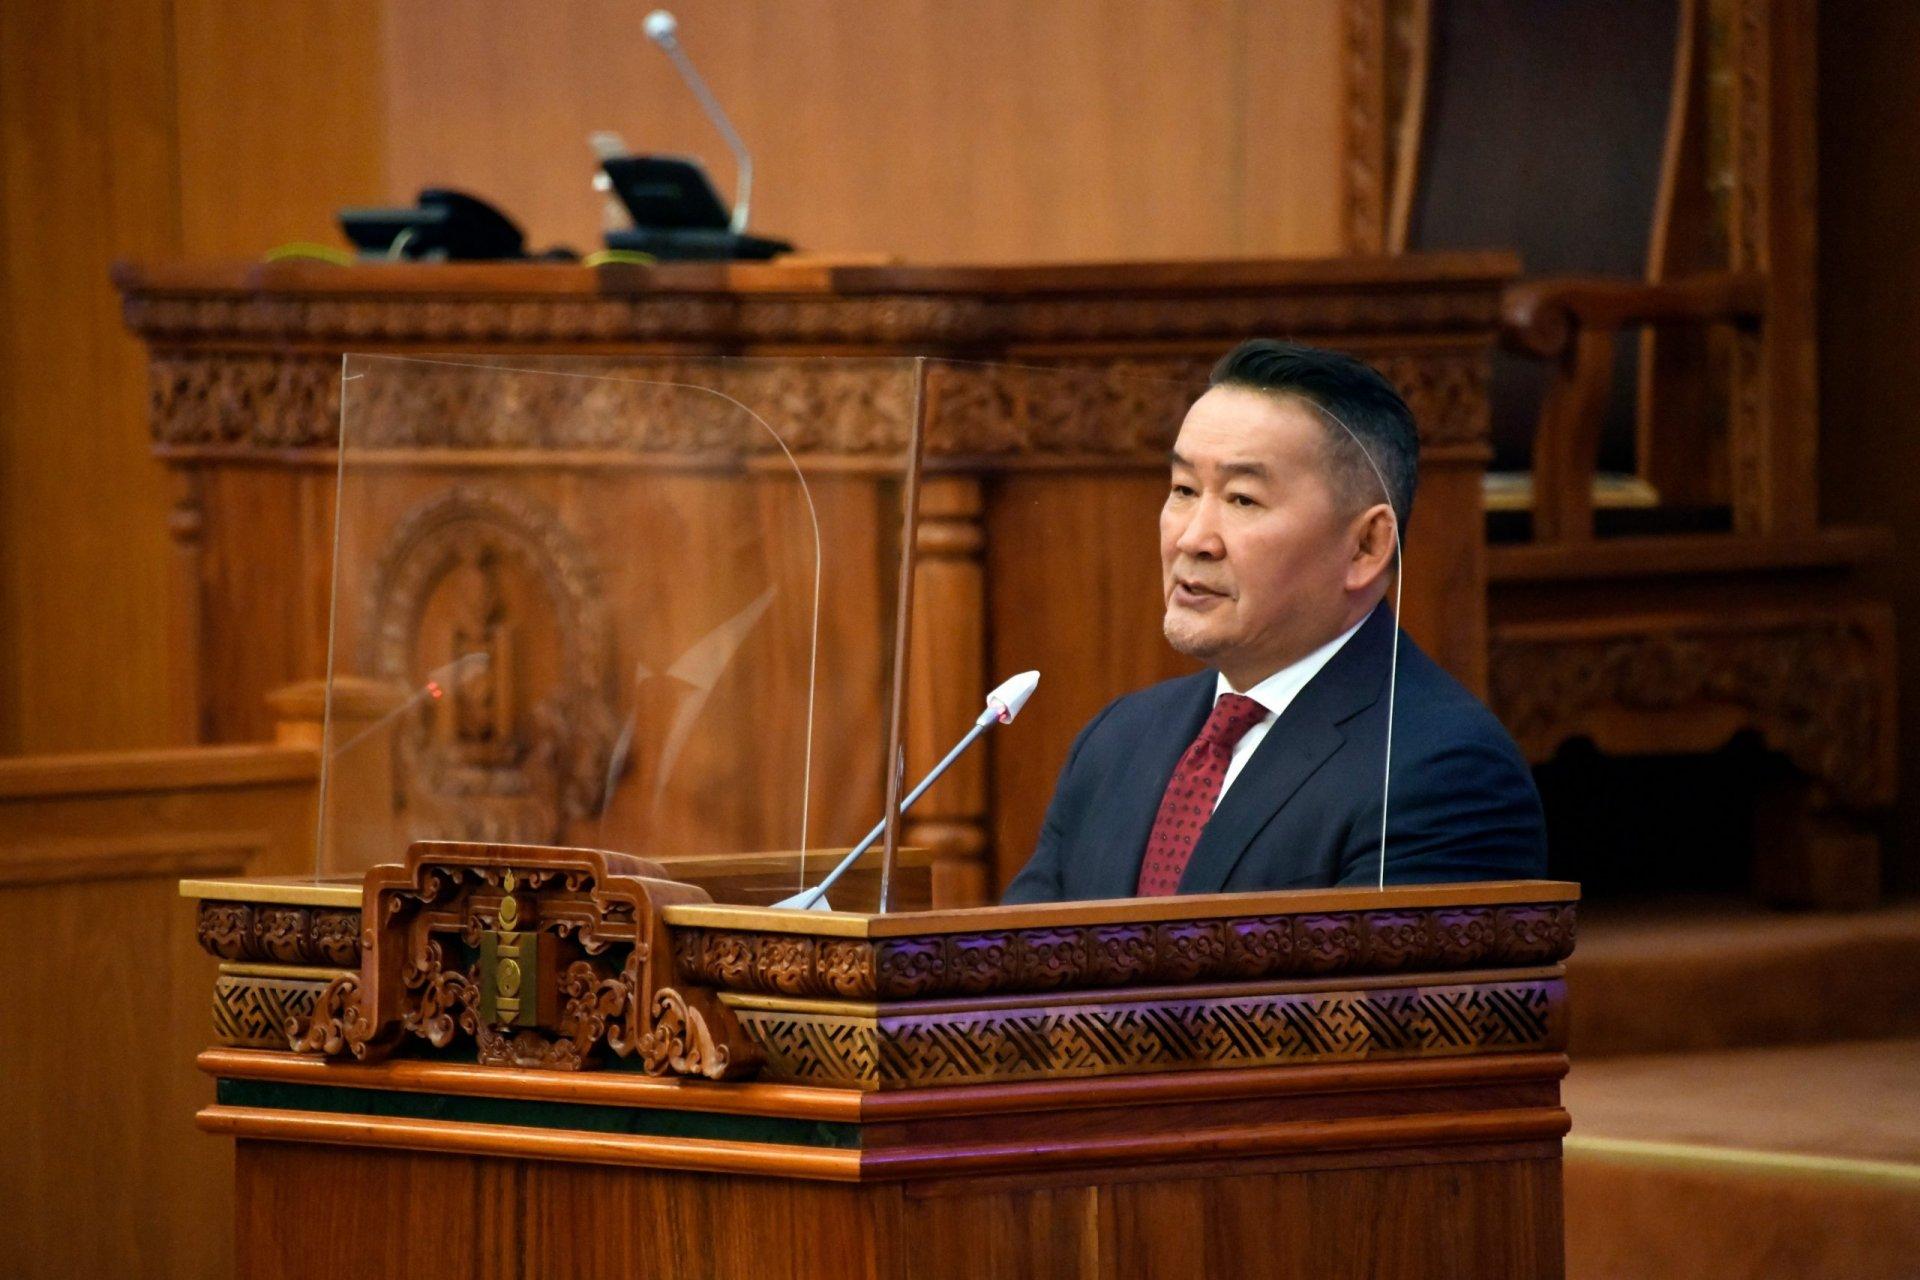 Монгол Улсын Ерөнхийлөгч Х.Баттулга: Шударга шүүхээр шүүлгэх иргэдийн эрхийг хөсөр хаяж, шударга бусын хонгилыг хамгаалж огт болохгүй